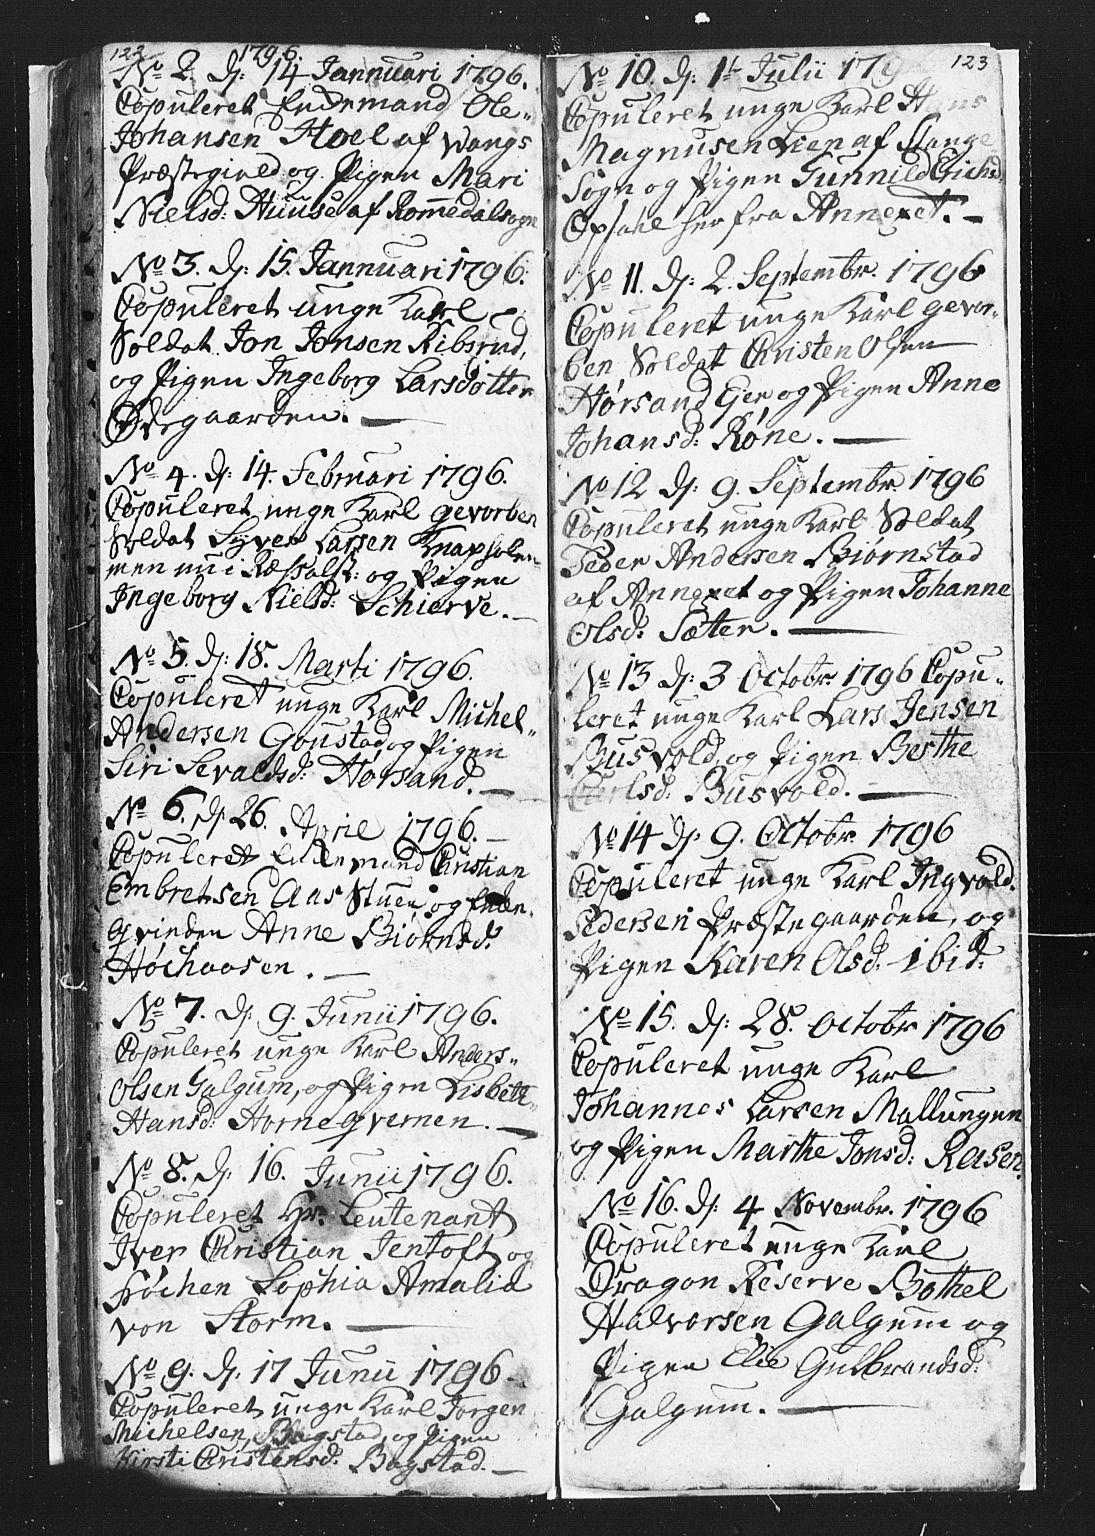 SAH, Romedal prestekontor, L/L0002: Klokkerbok nr. 2, 1795-1800, s. 122-123